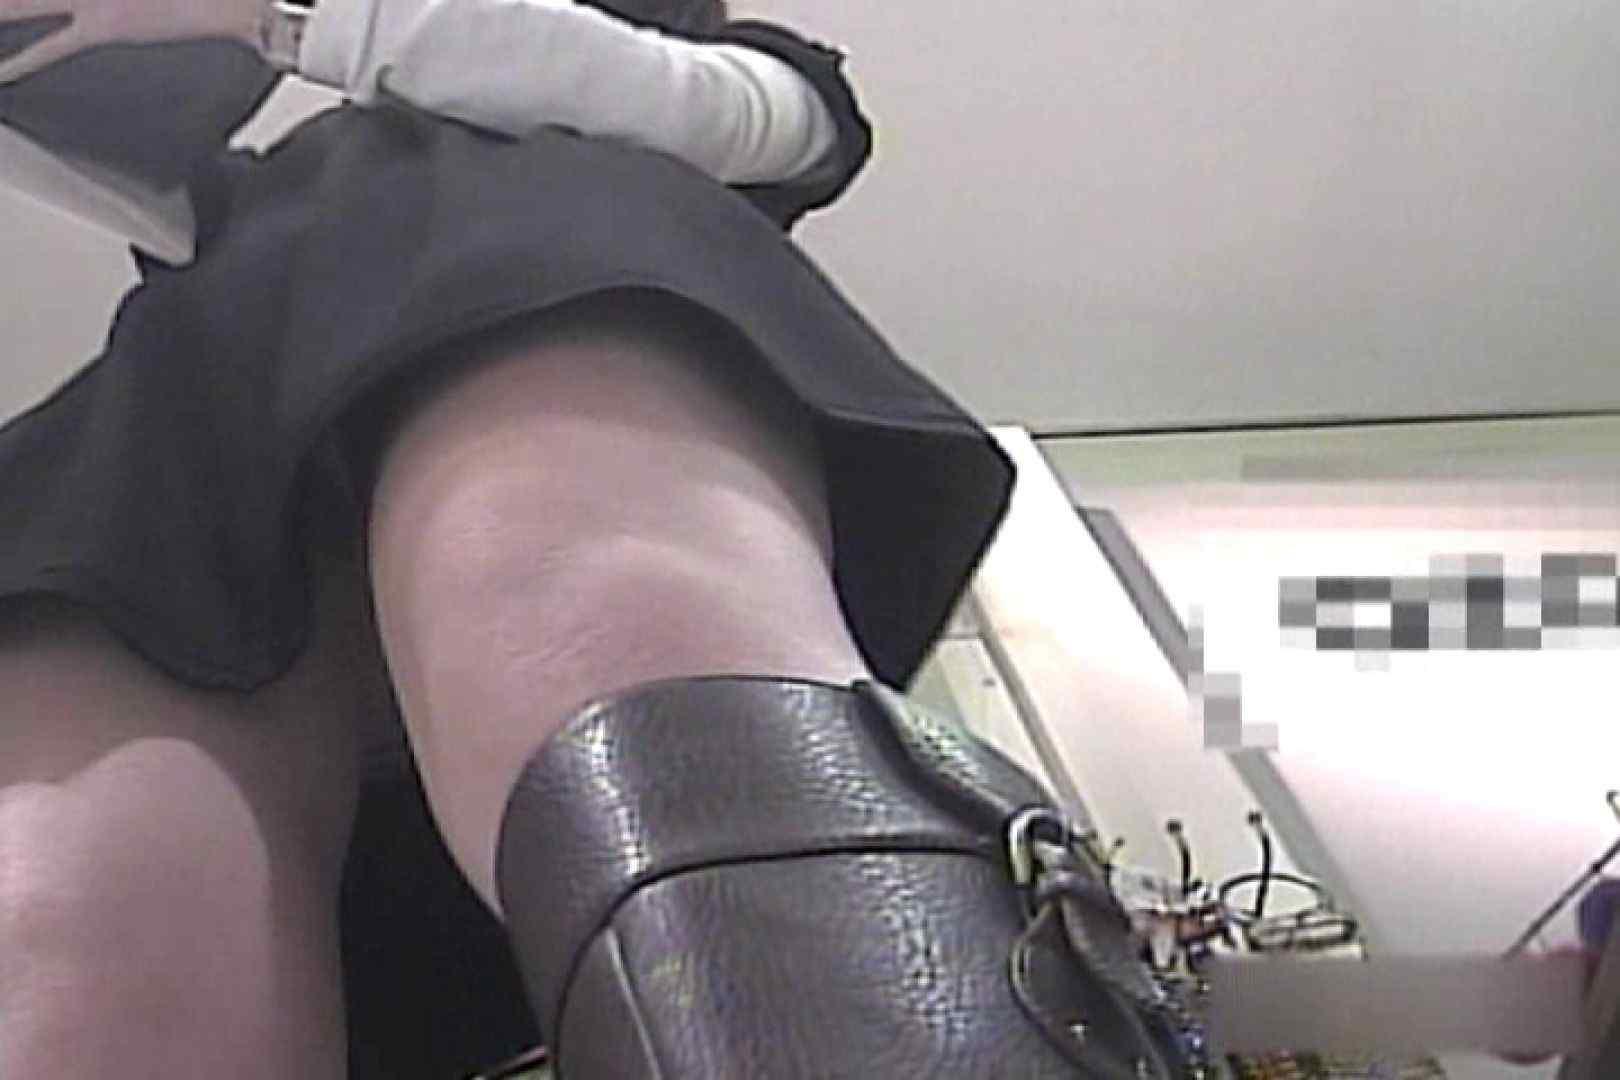 ショップ店員のパンチラアクシデント Vol.20 OLセックス 盗撮われめAV動画紹介 61画像 58